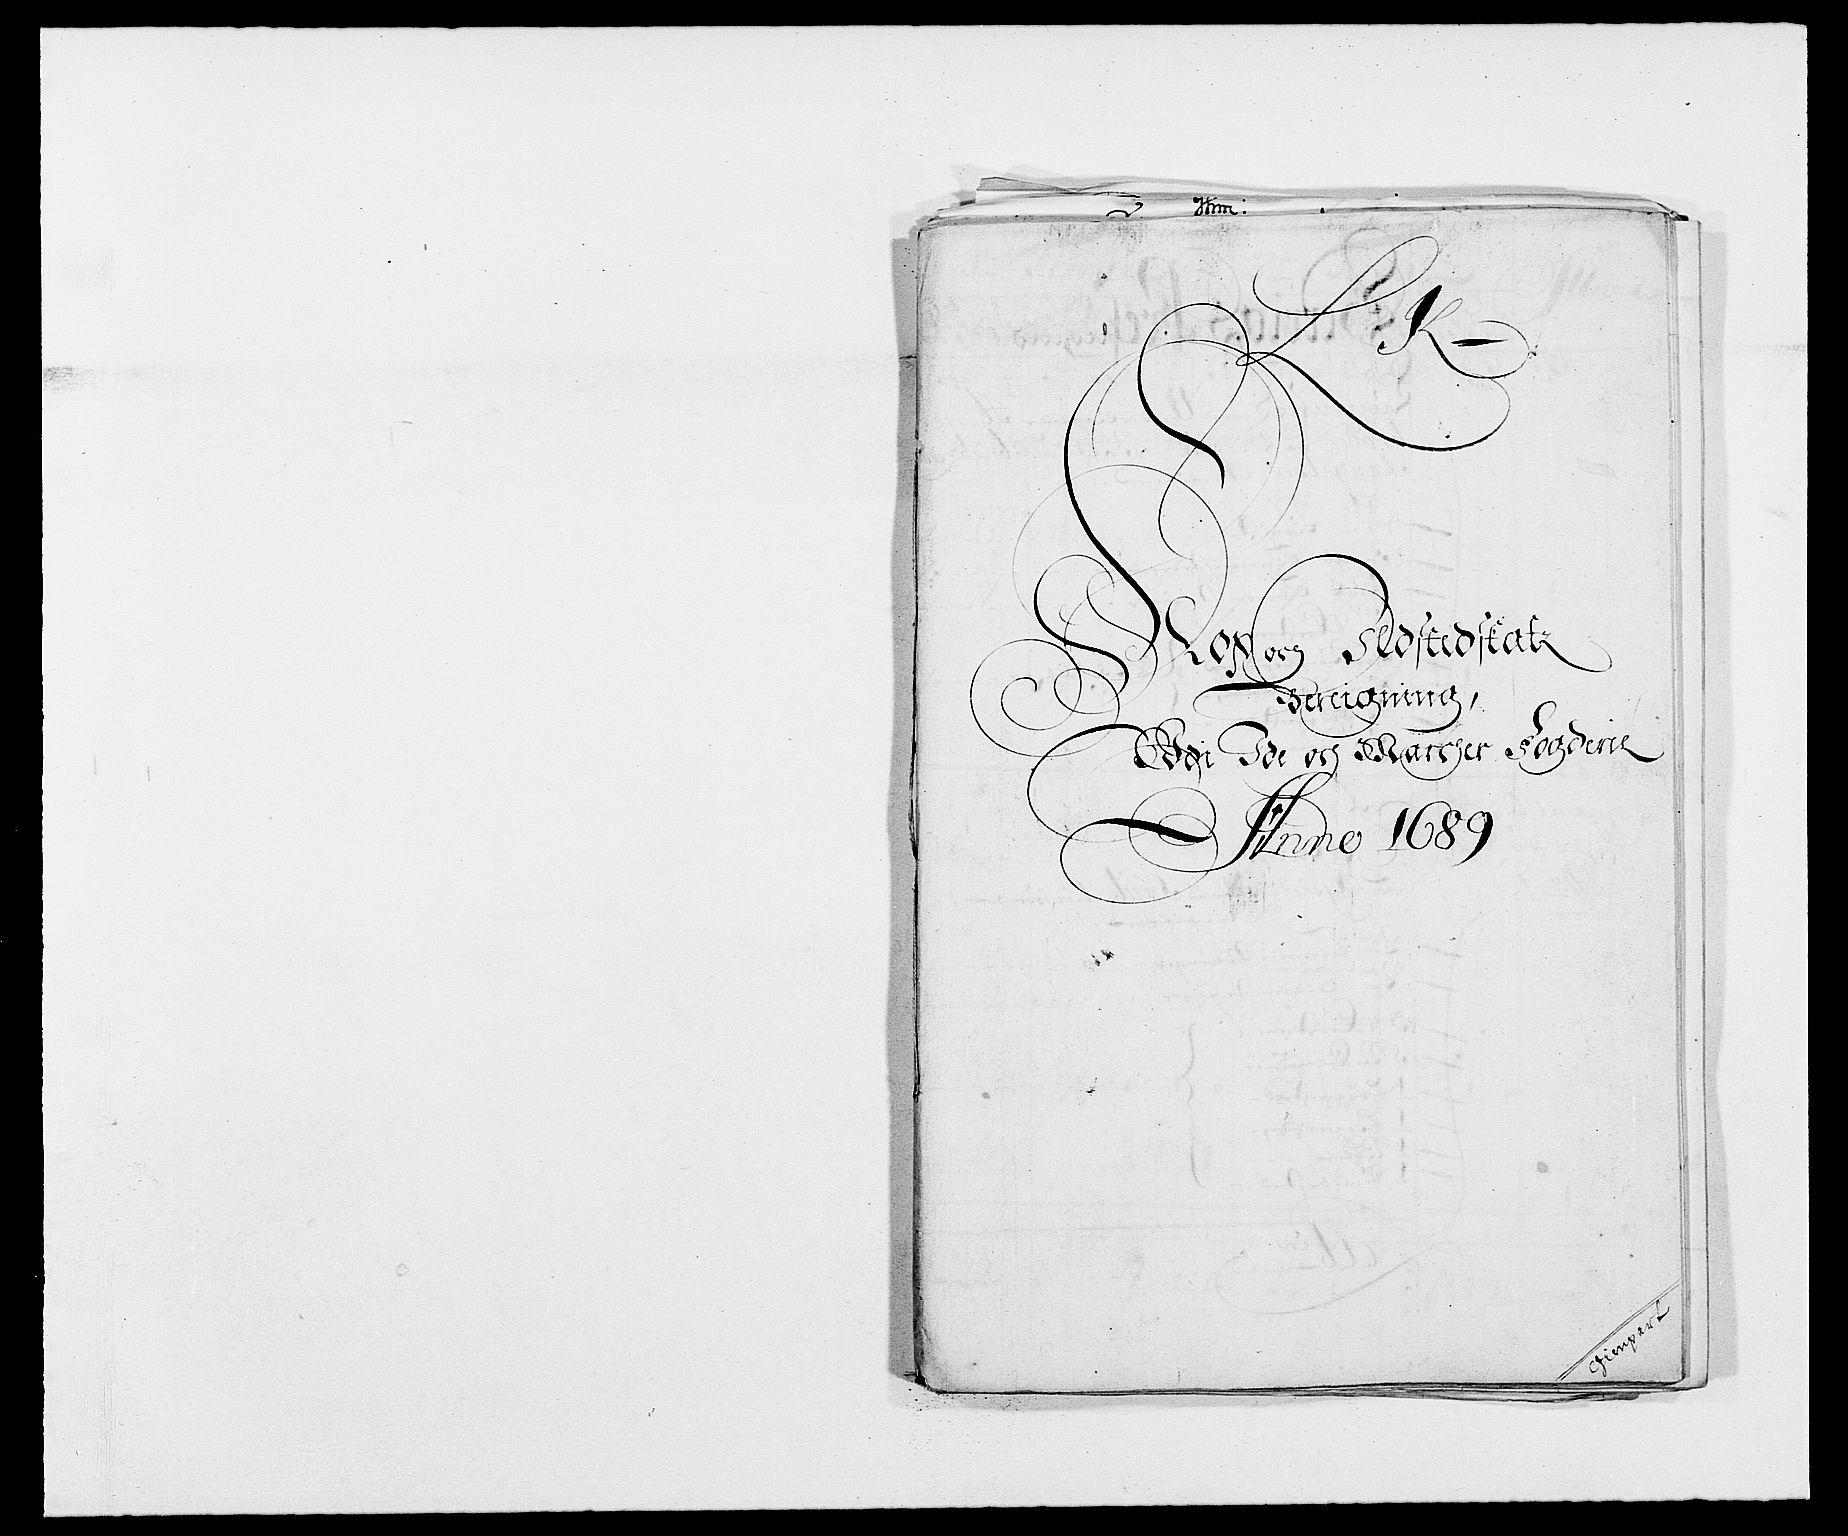 RA, Rentekammeret inntil 1814, Reviderte regnskaper, Fogderegnskap, R01/L0008: Fogderegnskap Idd og Marker, 1689, s. 239